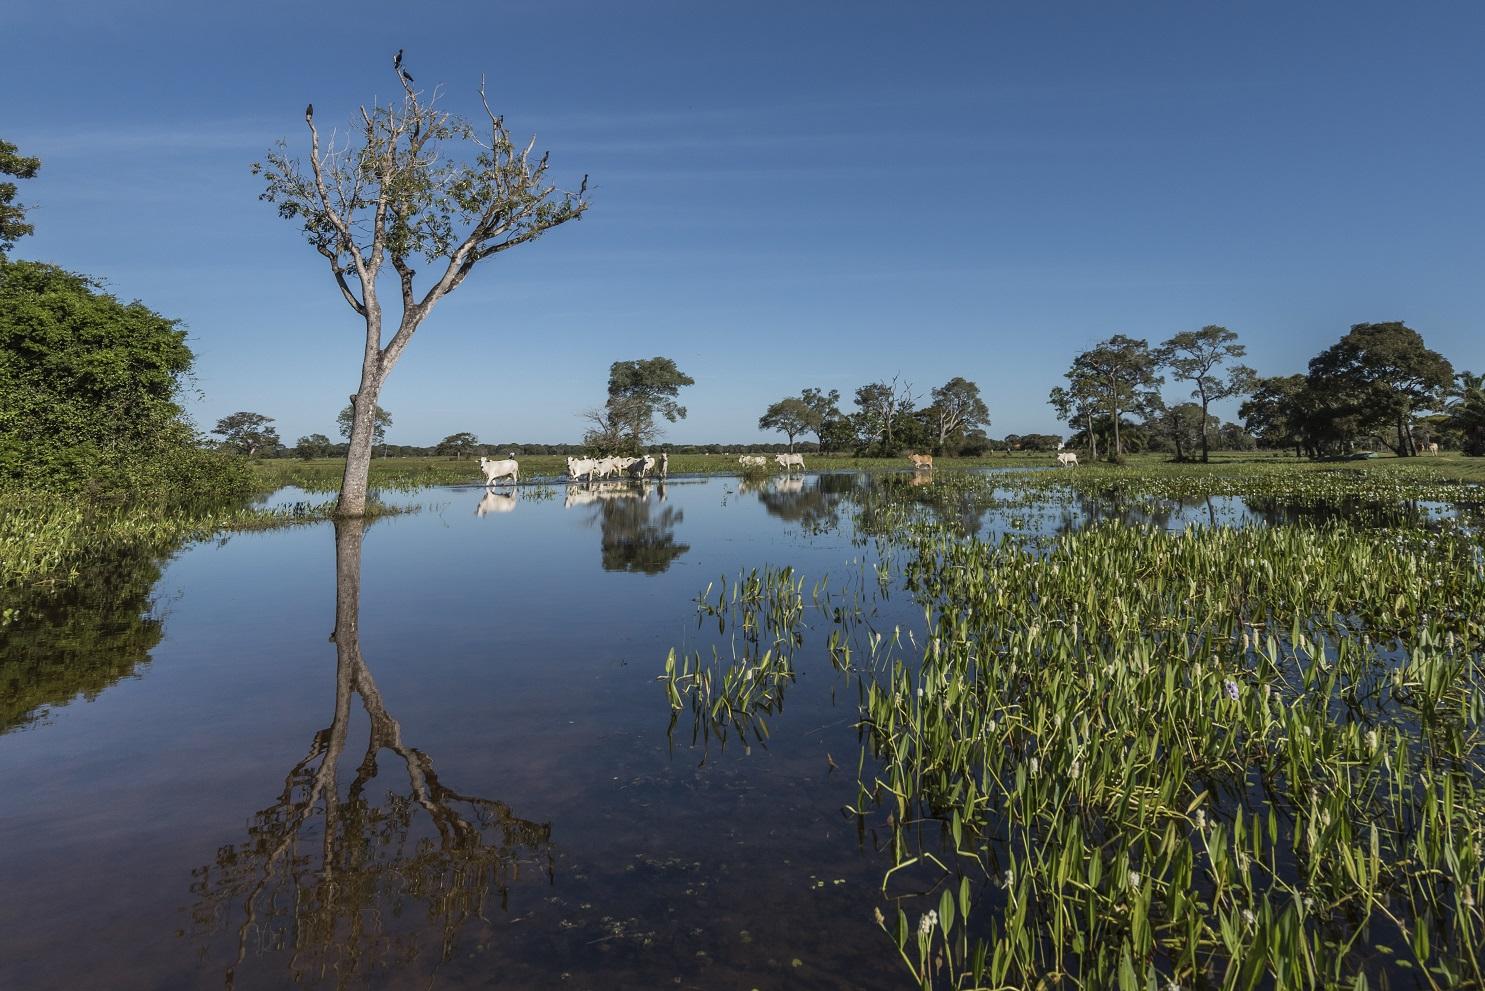 A pecuária orgânica no Pantanal proíbe o uso de agrotóxicos e outros produtos químicos para alimentação e cuidados com o gado, tratado com medicamentos fitoterápicos e homeopáticos.Foto Andre Dib/WWF-Brasil